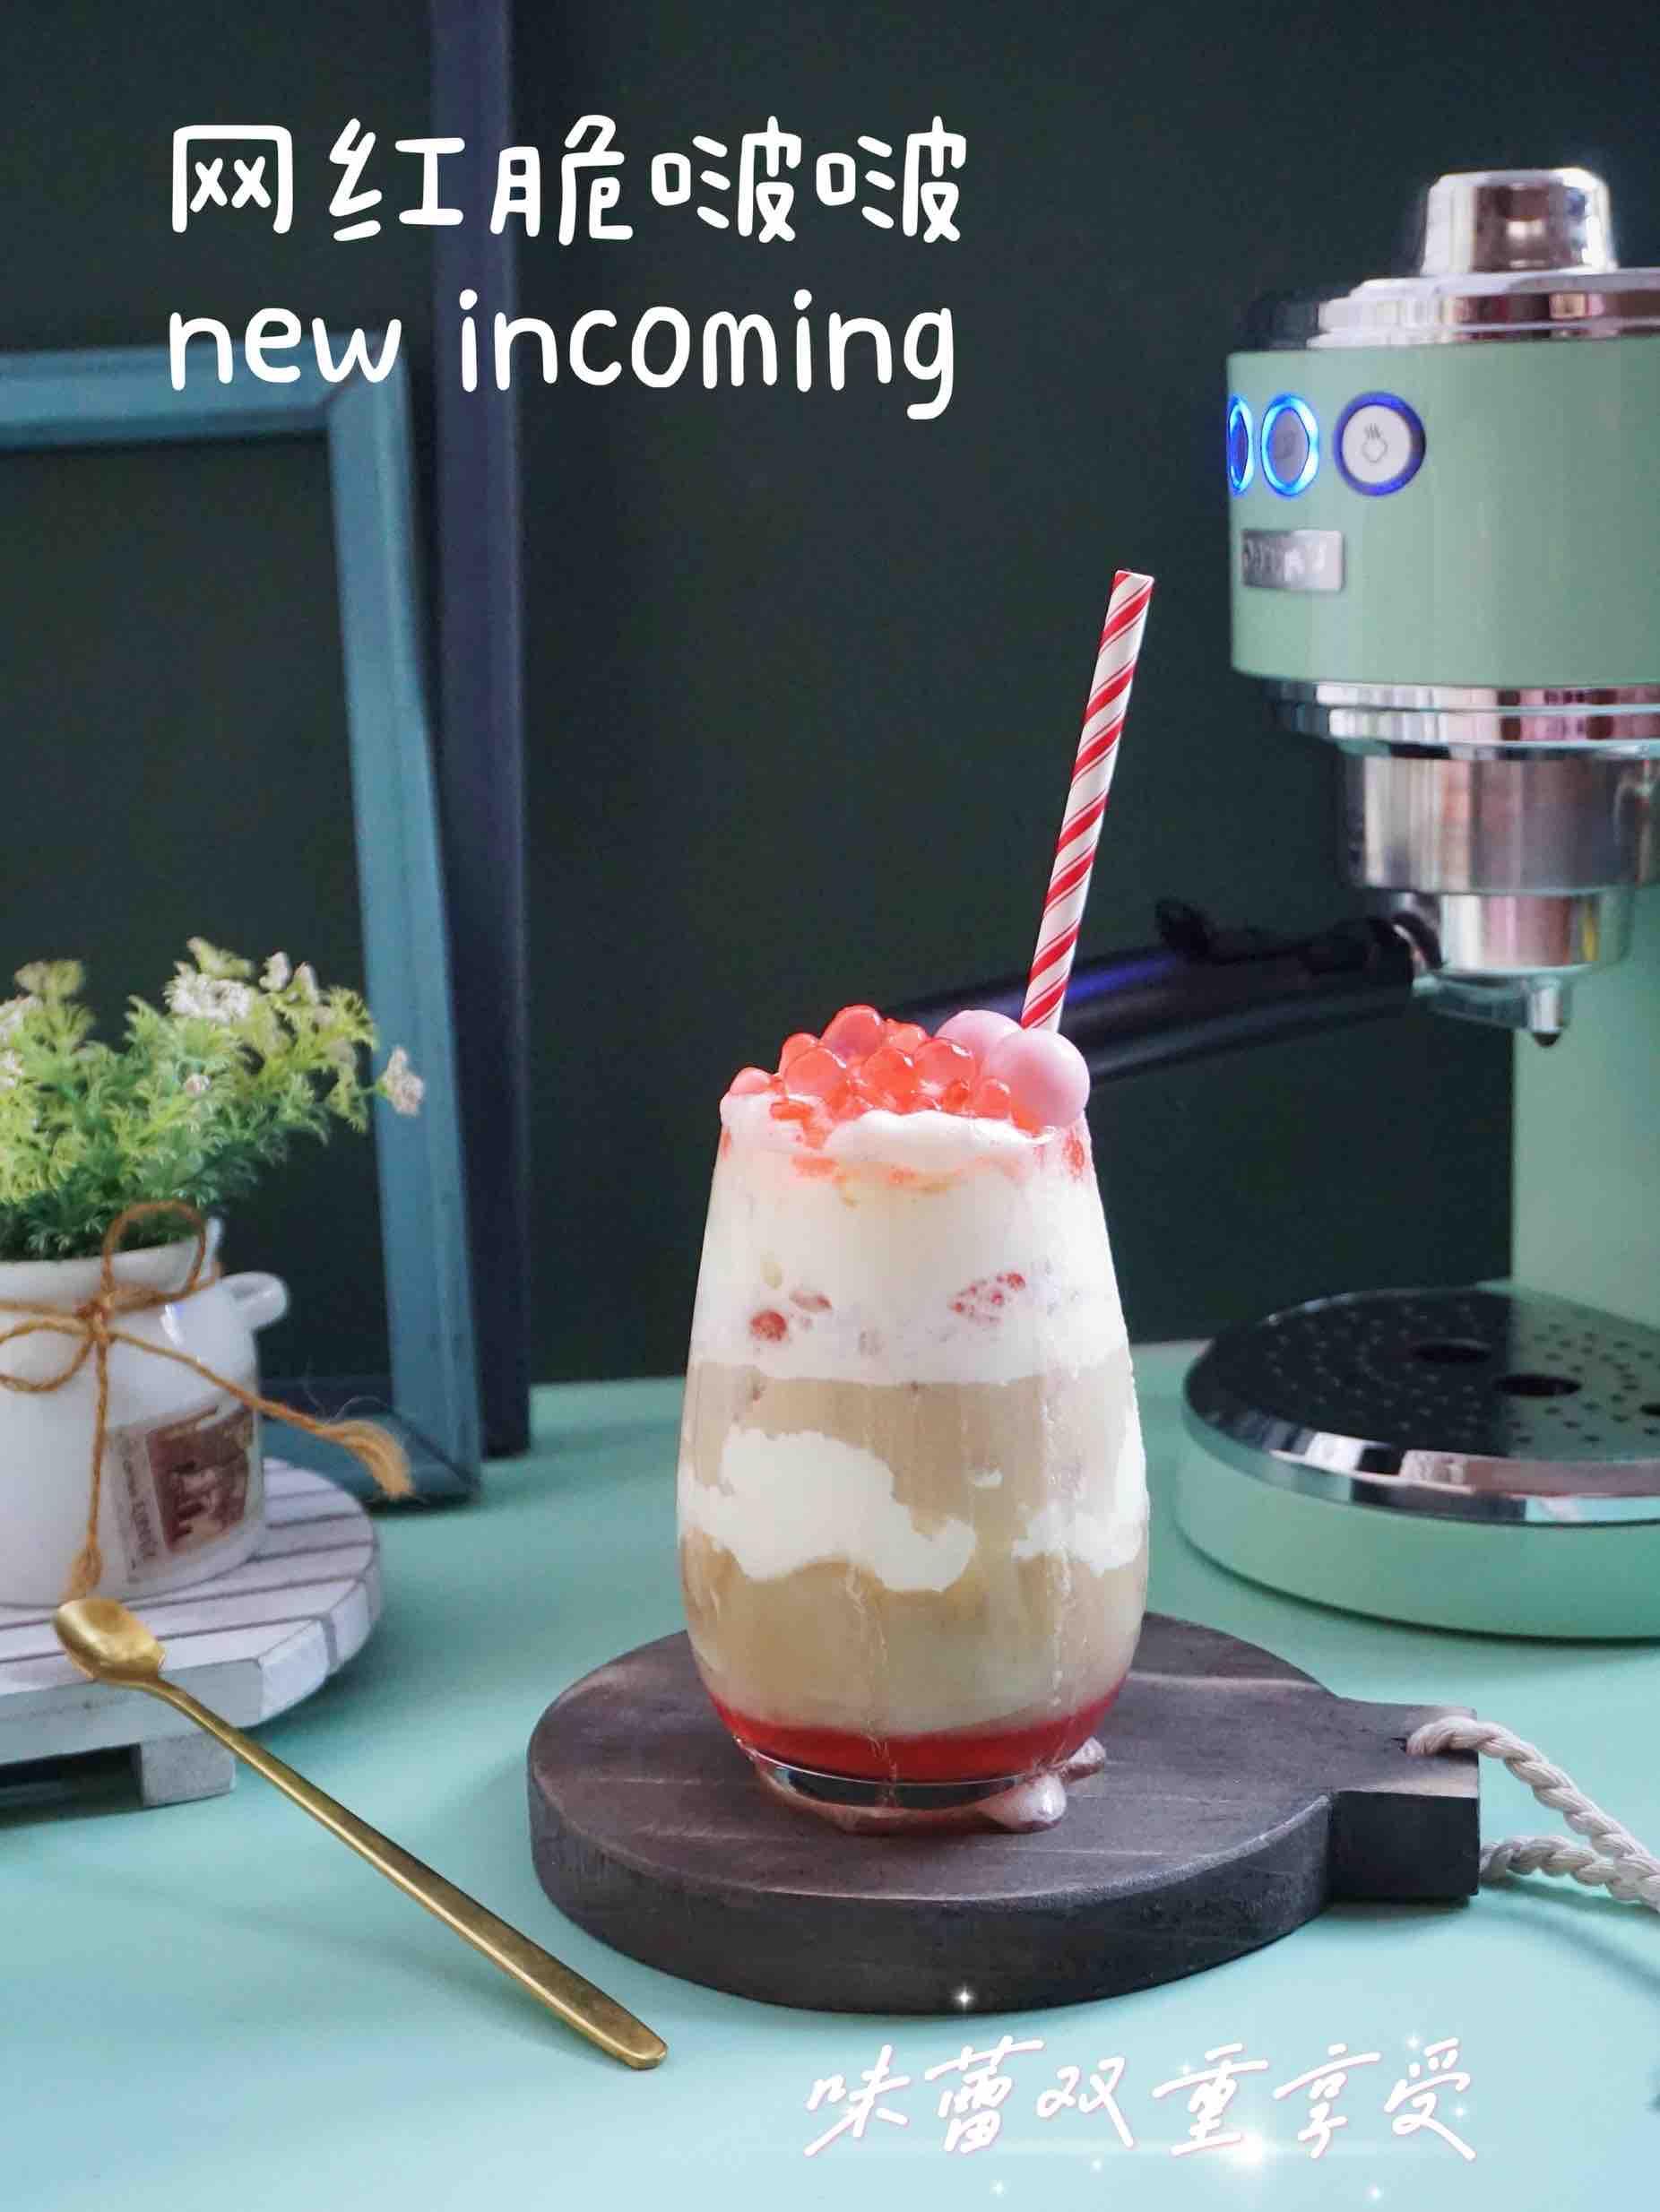 网红脆啵啵蛋糕咖啡